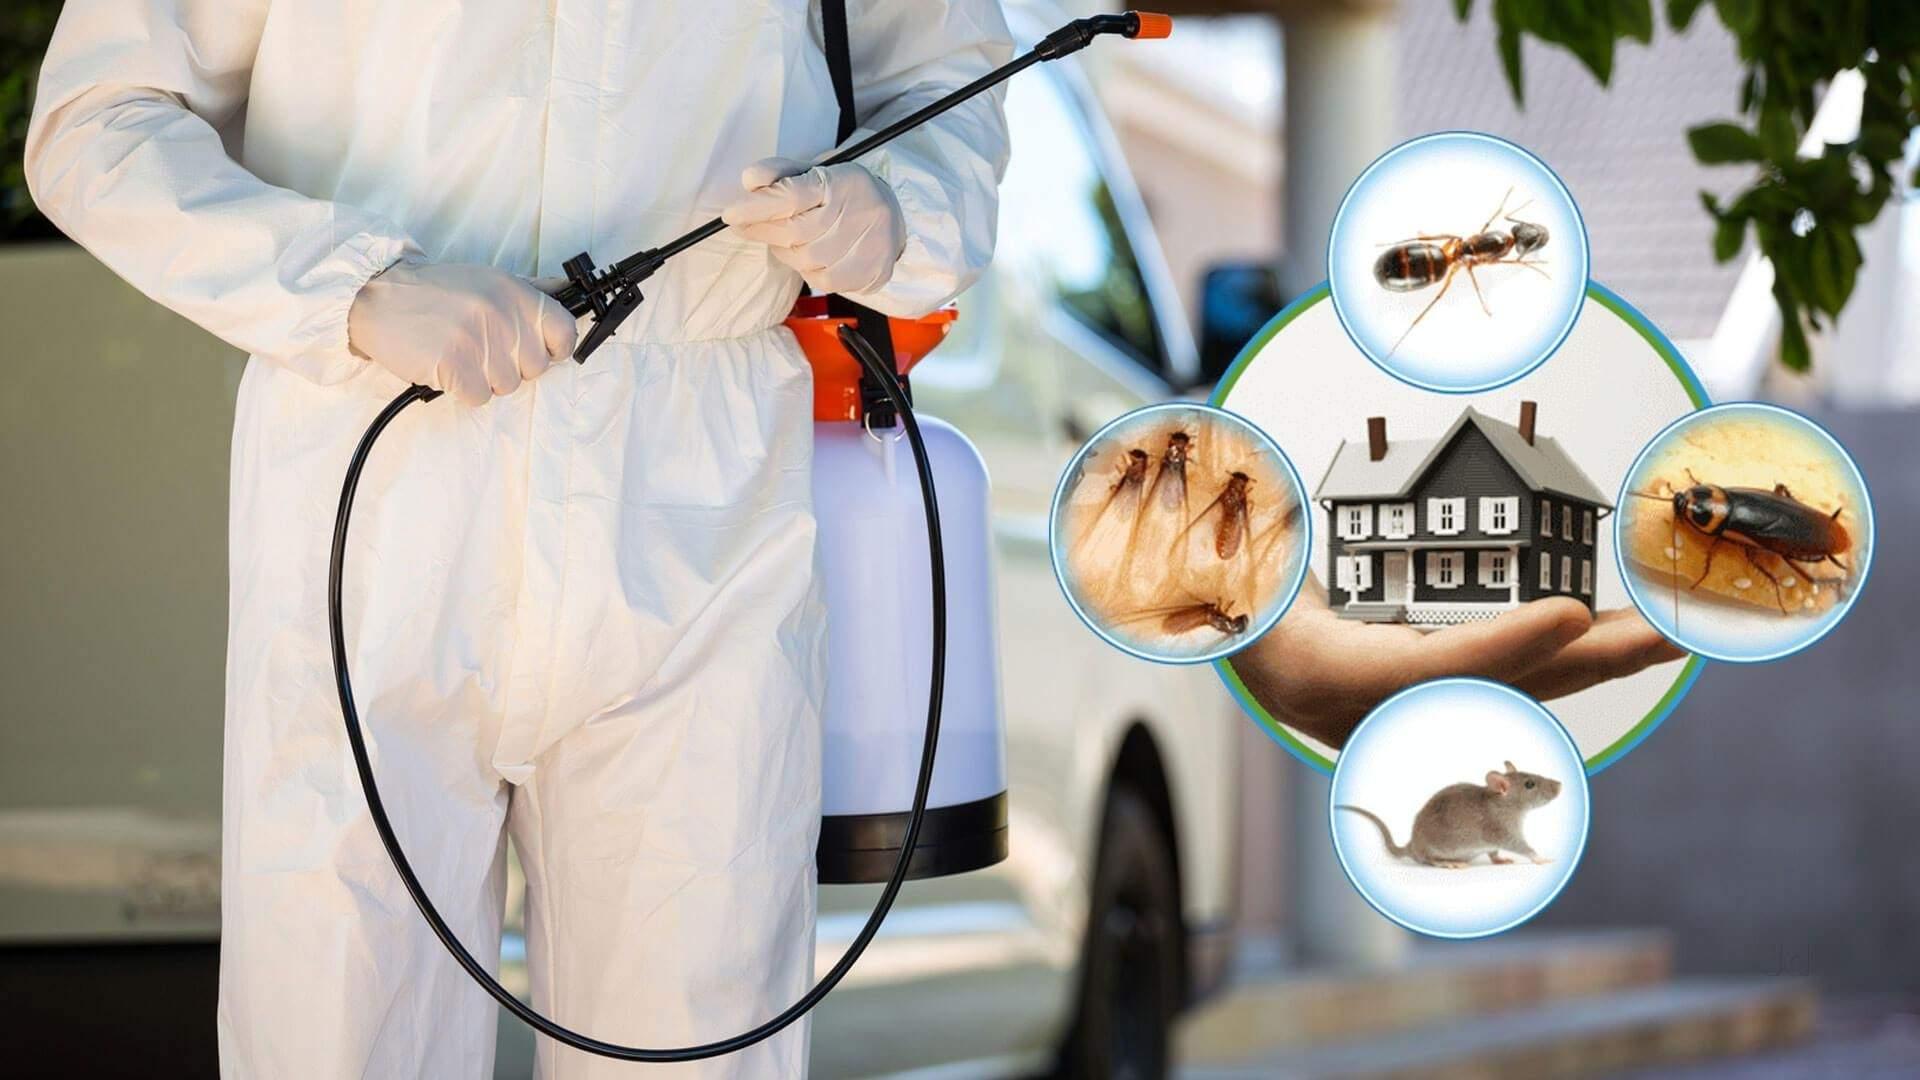 شركة مكافحة حشرات بالعين   0555514982